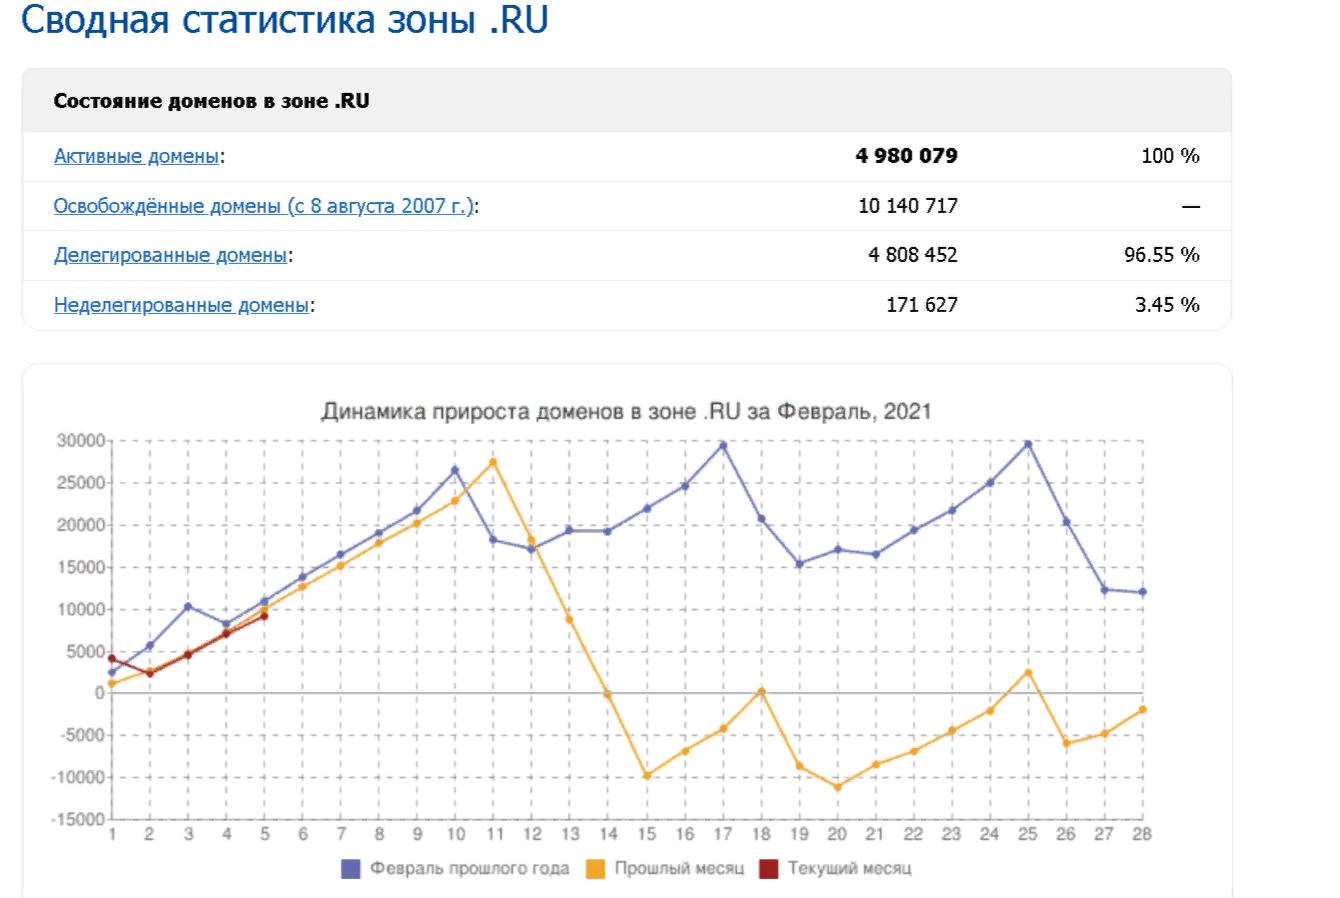 Сводная статистика доменов зоны .RU